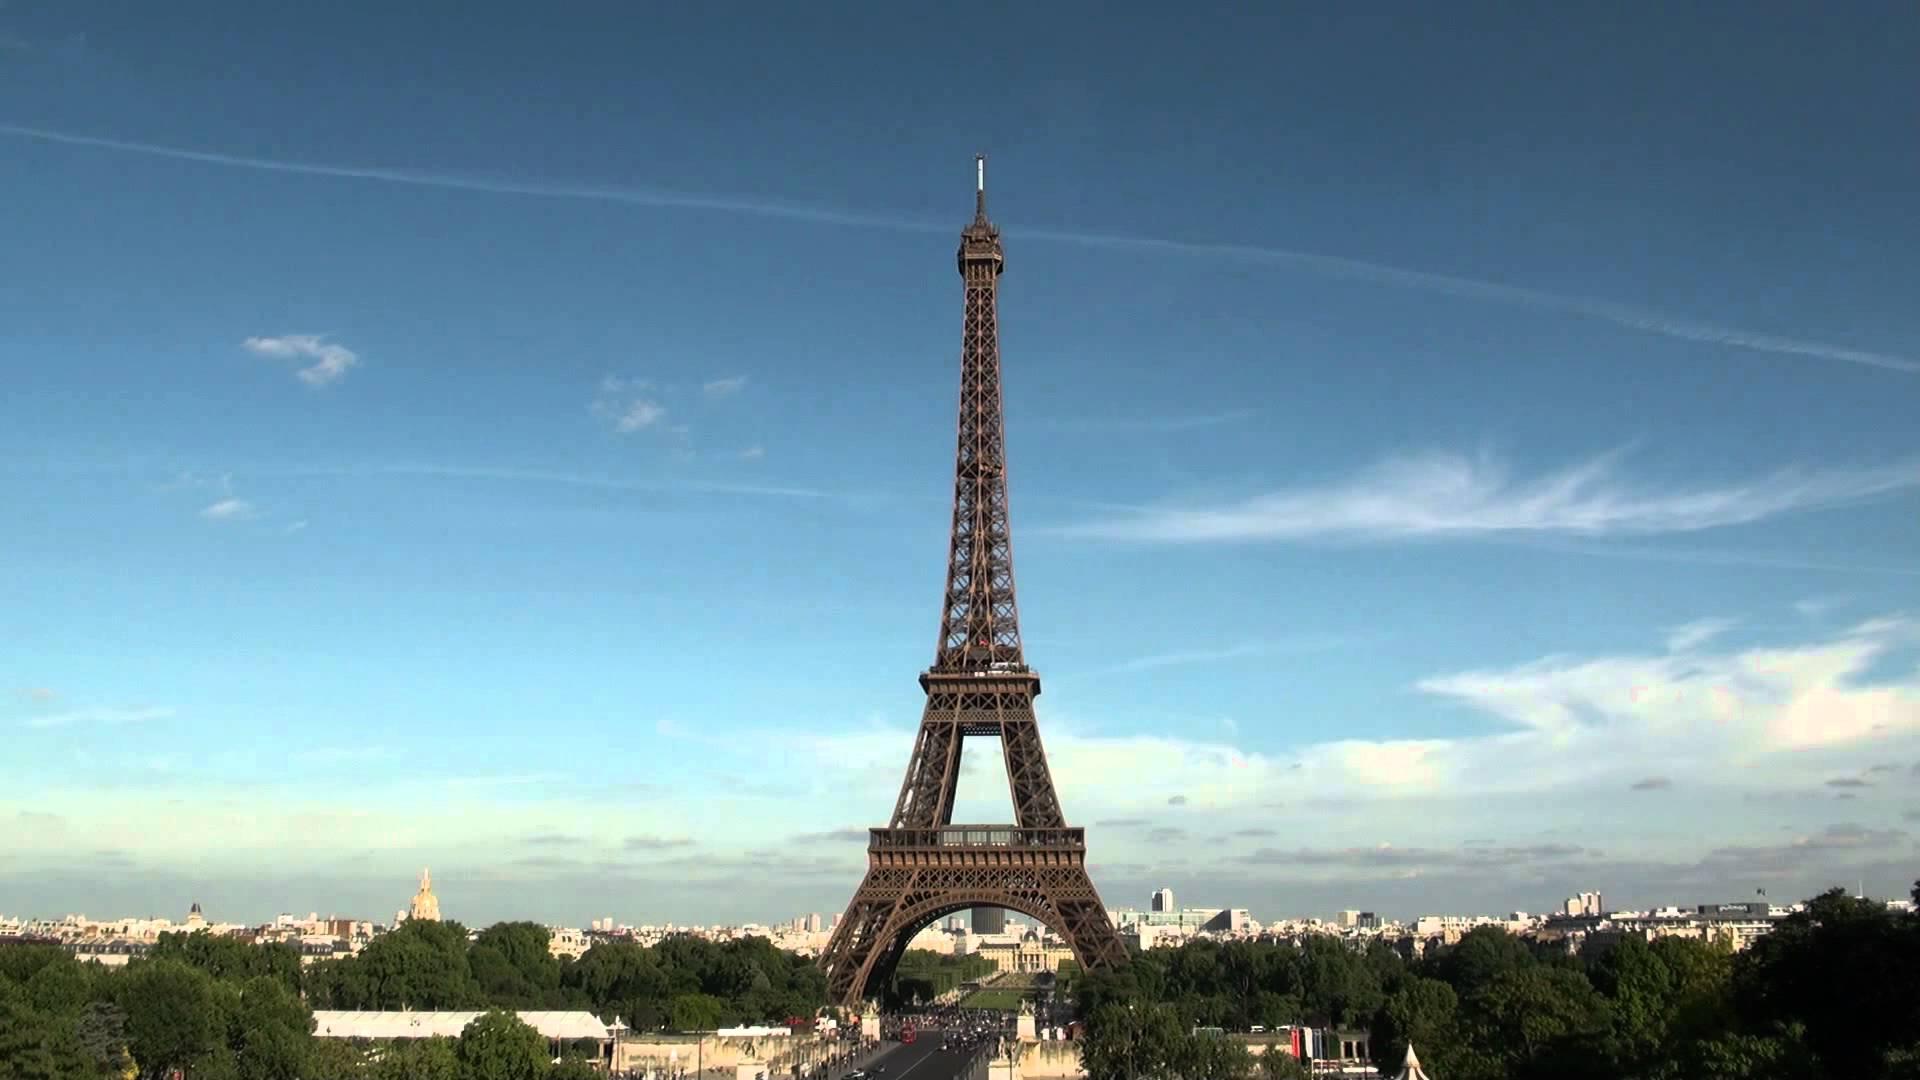 Paris_cop21.jpg